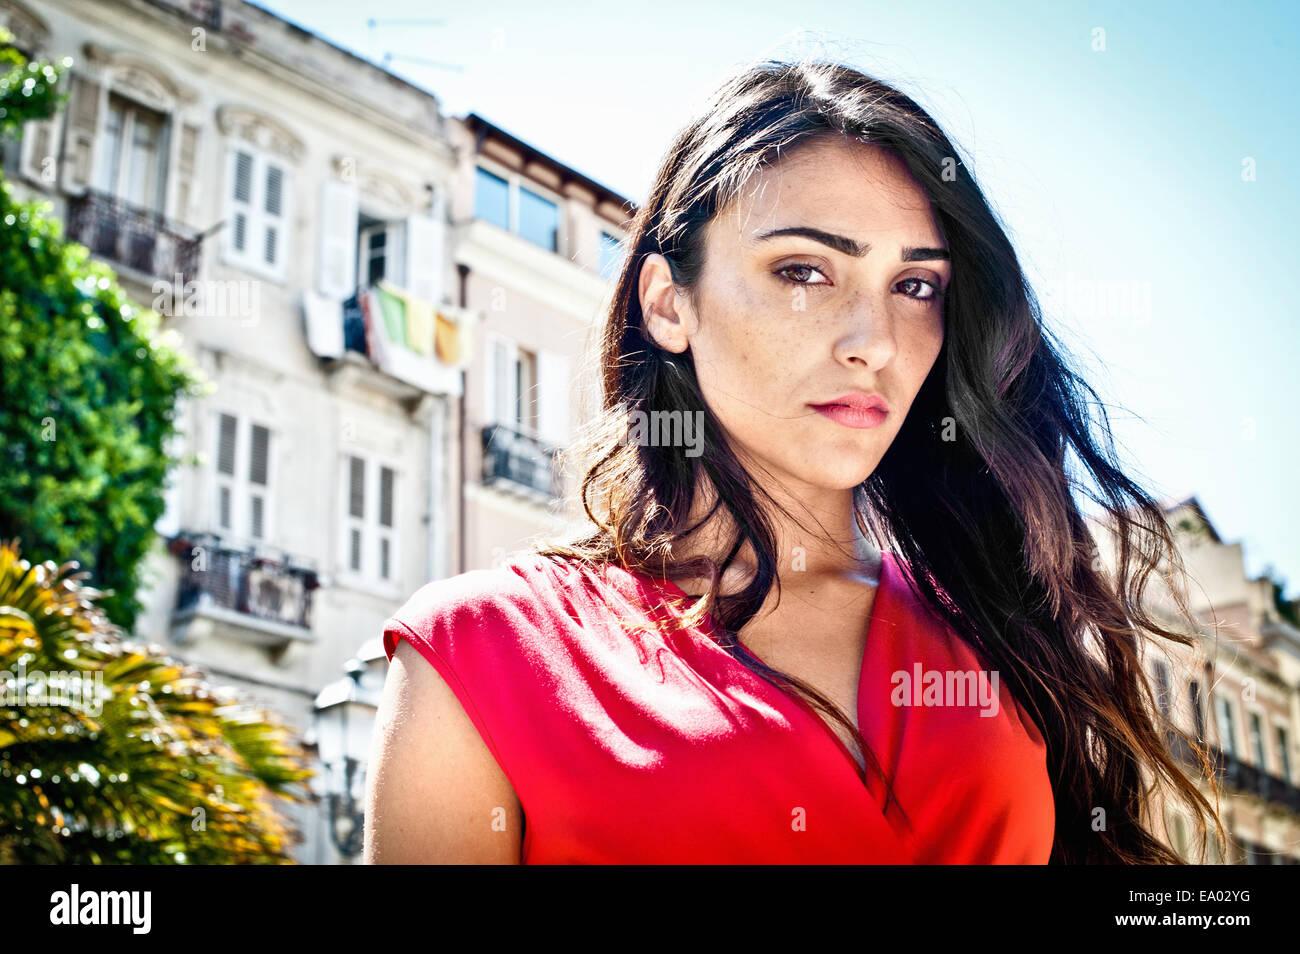 Retrato De Joven Mujer Sensual En La Calle Cagliari